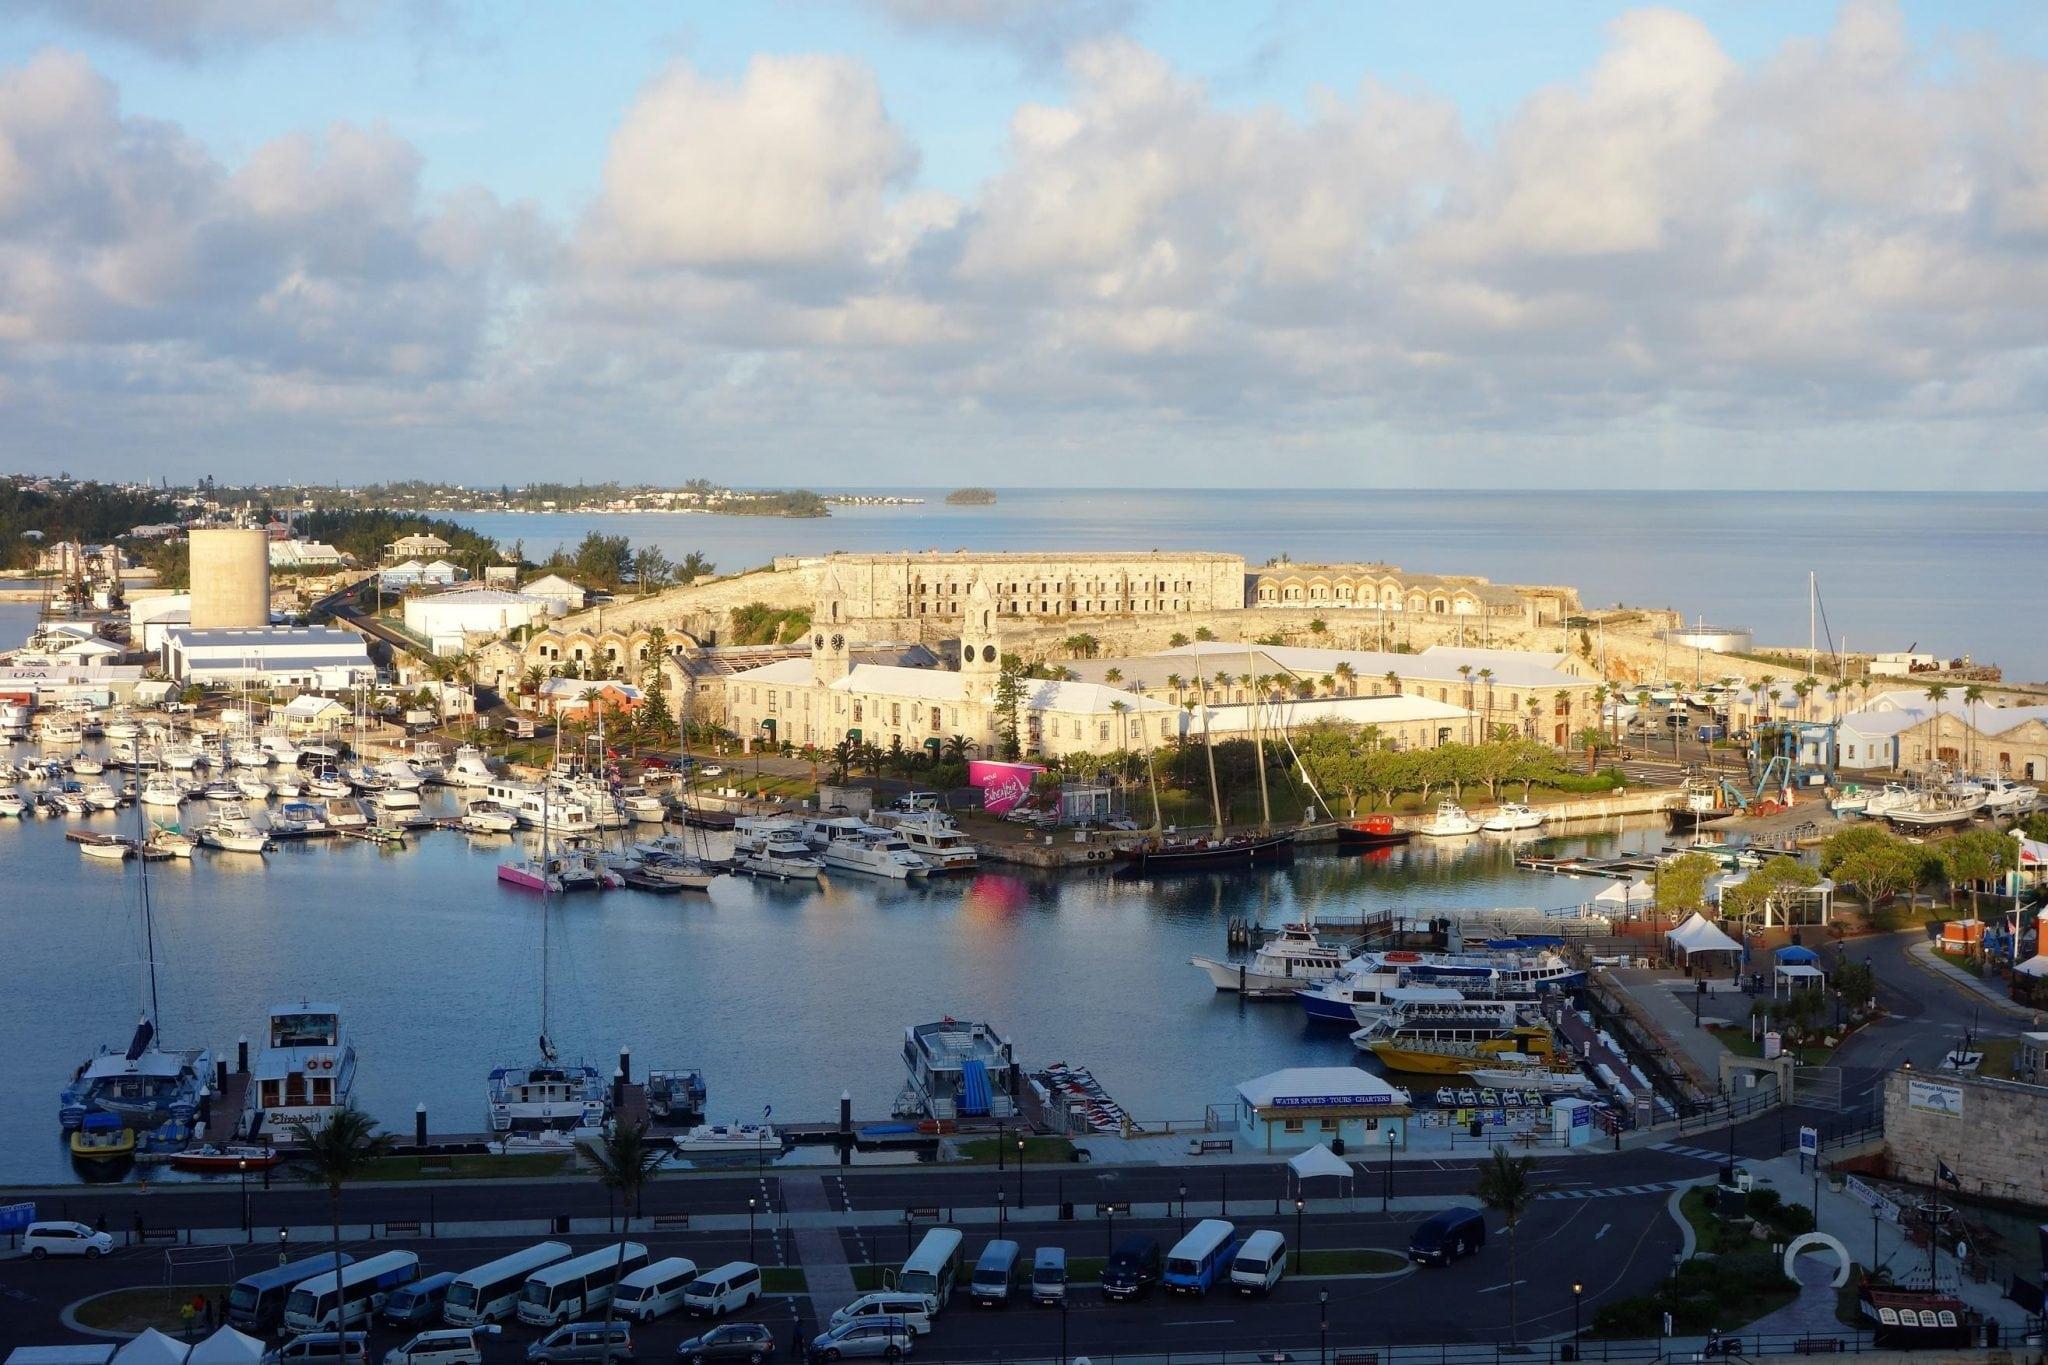 Royal Naval Dockyard Bermuda